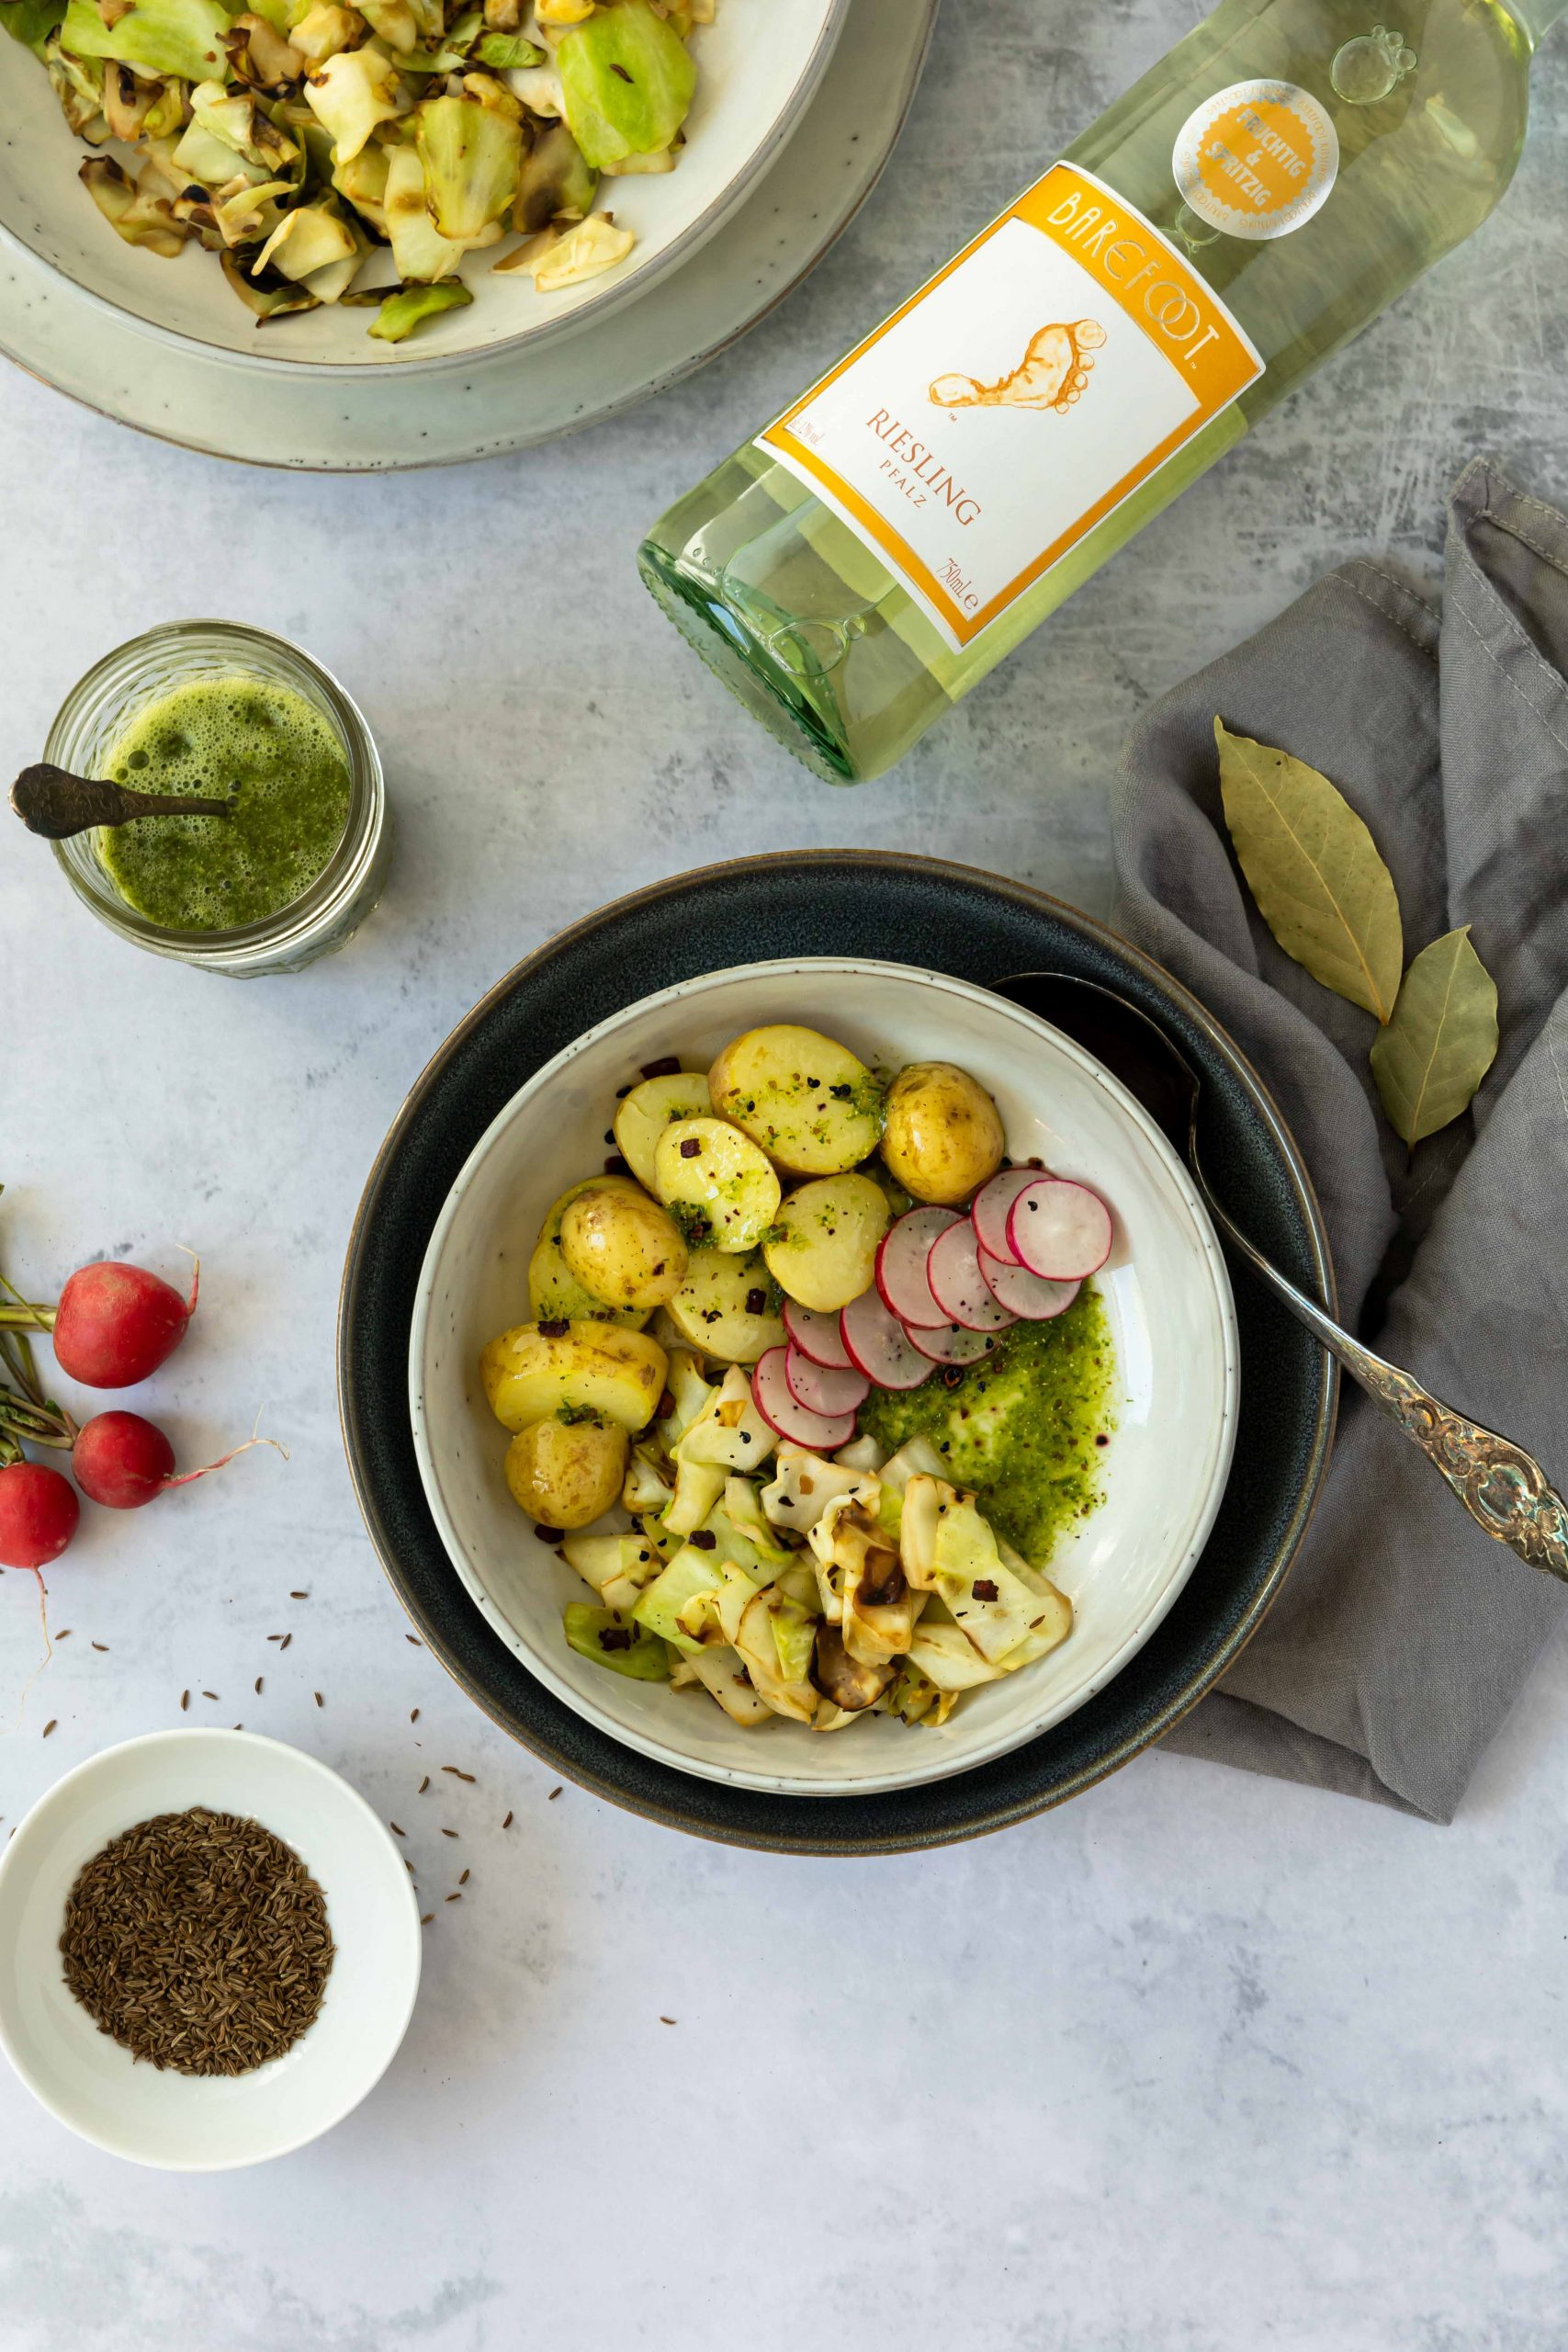 Pfälzer Halbleinen und ein passender Riesling // cabbage and potato dish by https://babyrockmyday.com/pfaelzer-halbleinen-und-ein-riesling/